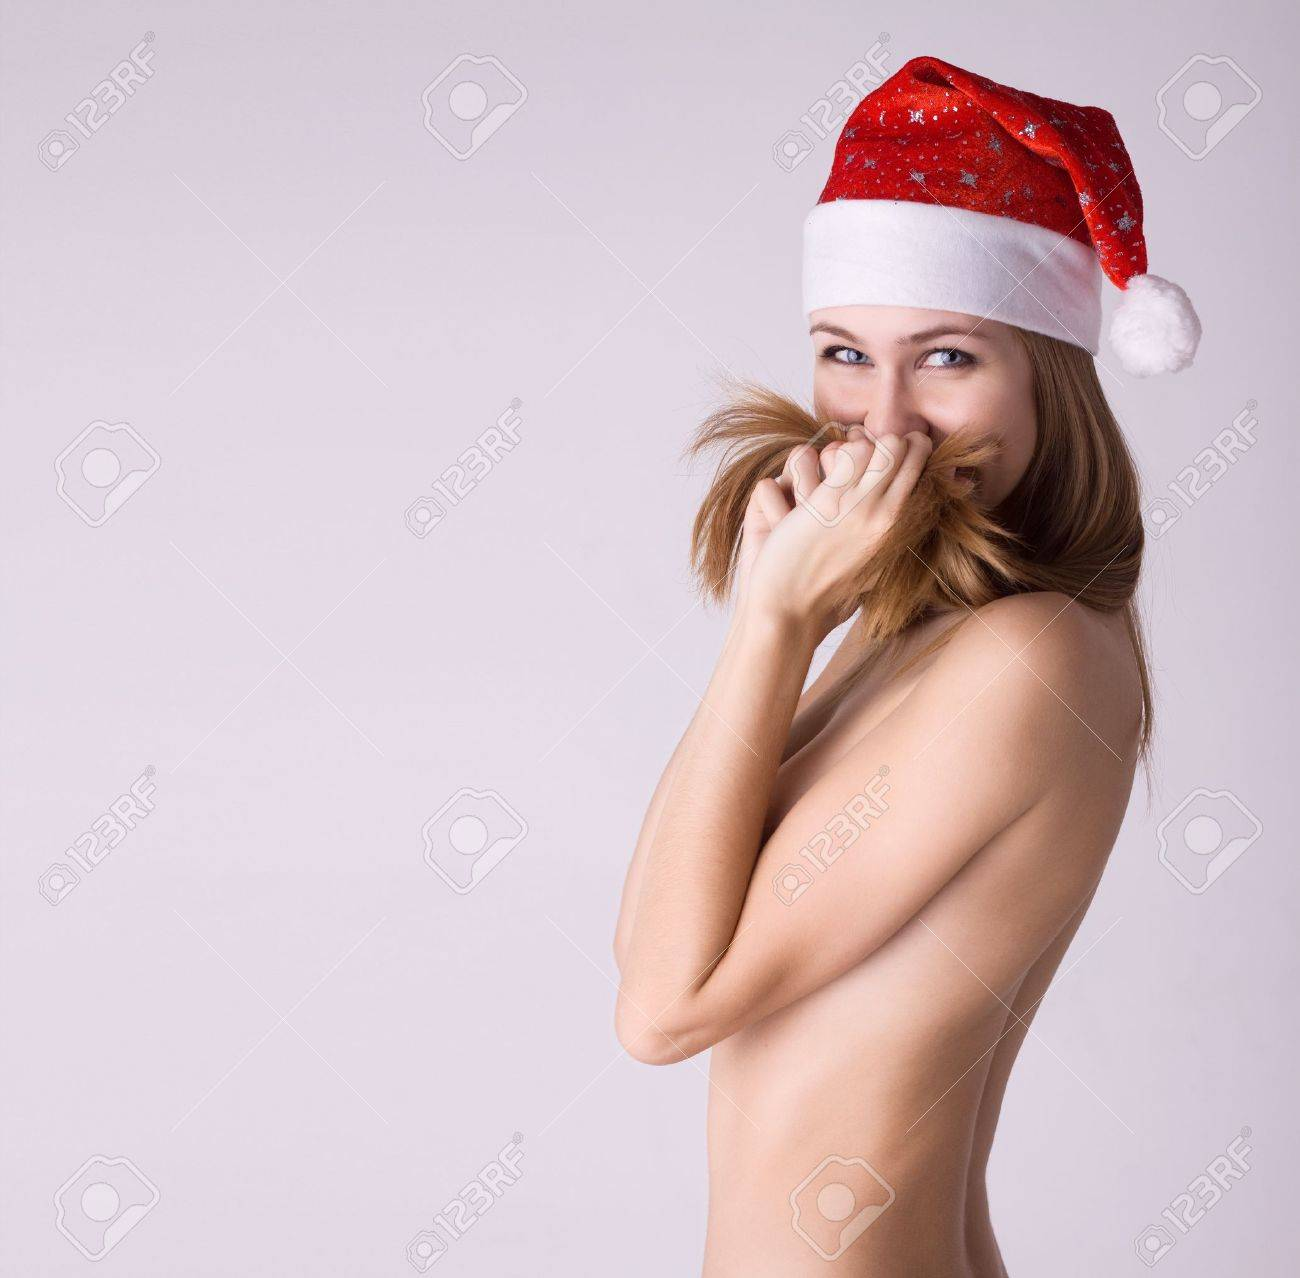 Женщина в меховой шапке порно фото